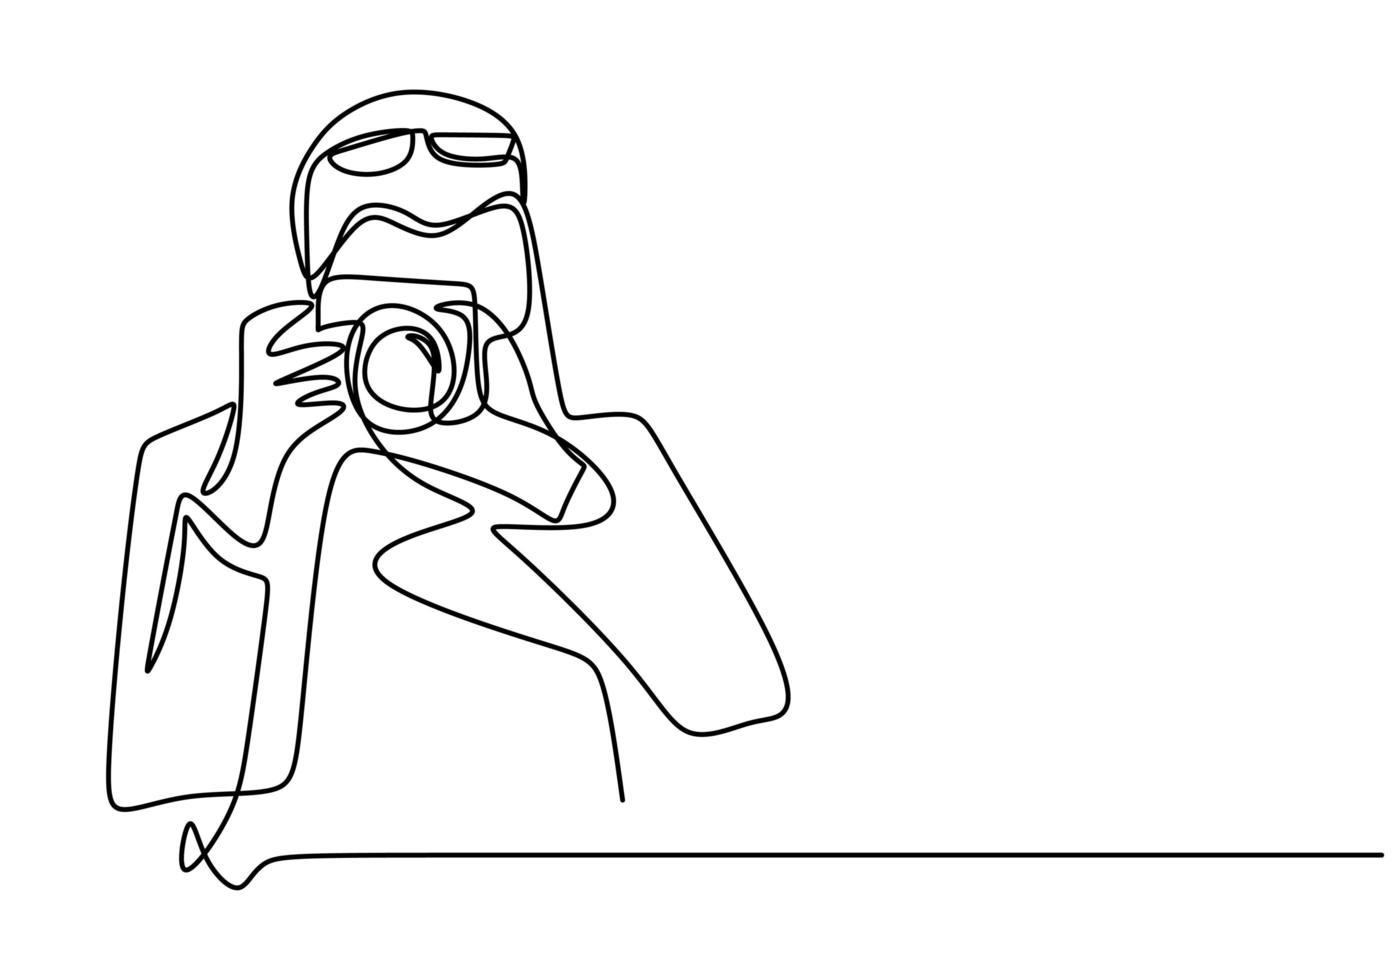 photographe illustration continue d'une ligne. homme prenant une photo. guy tir avec appareil photo. dessin au trait continu, illustration vectorielle. vecteur